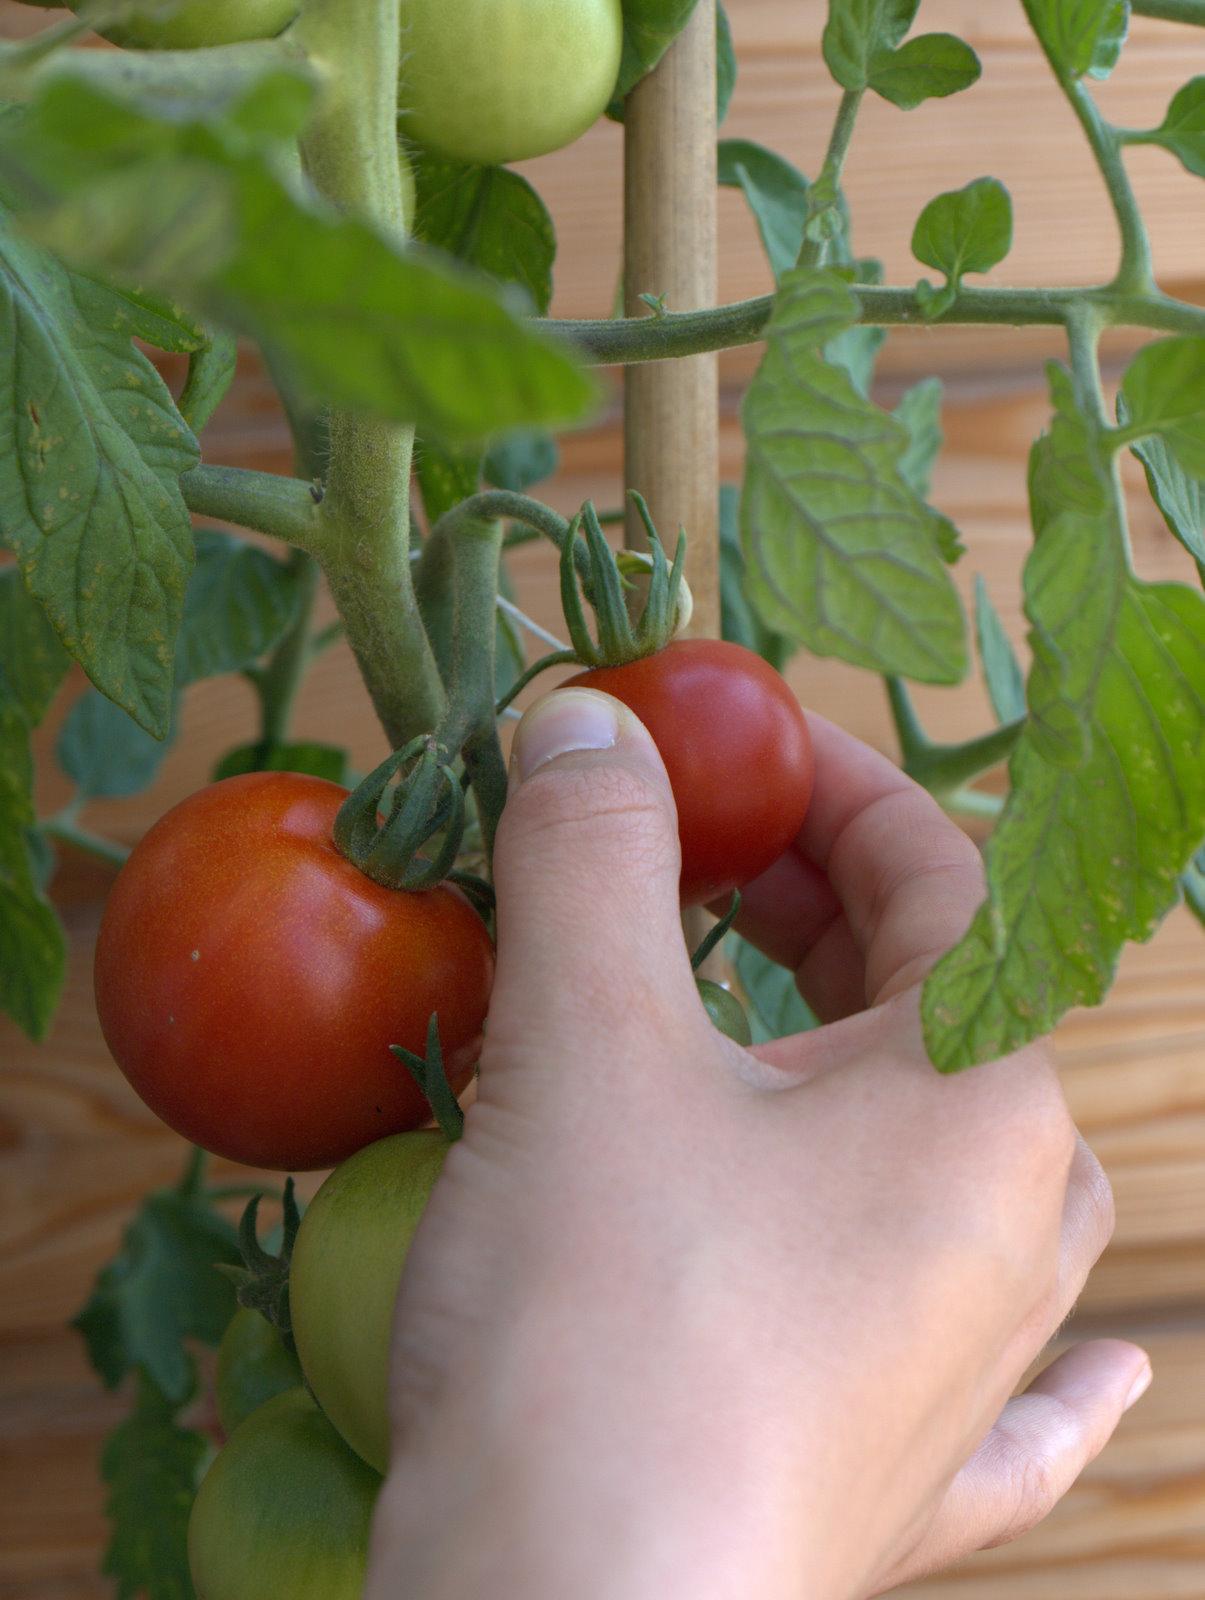 Haps, årets første, og i al almindelighed vores første selvdyrkede tomat.